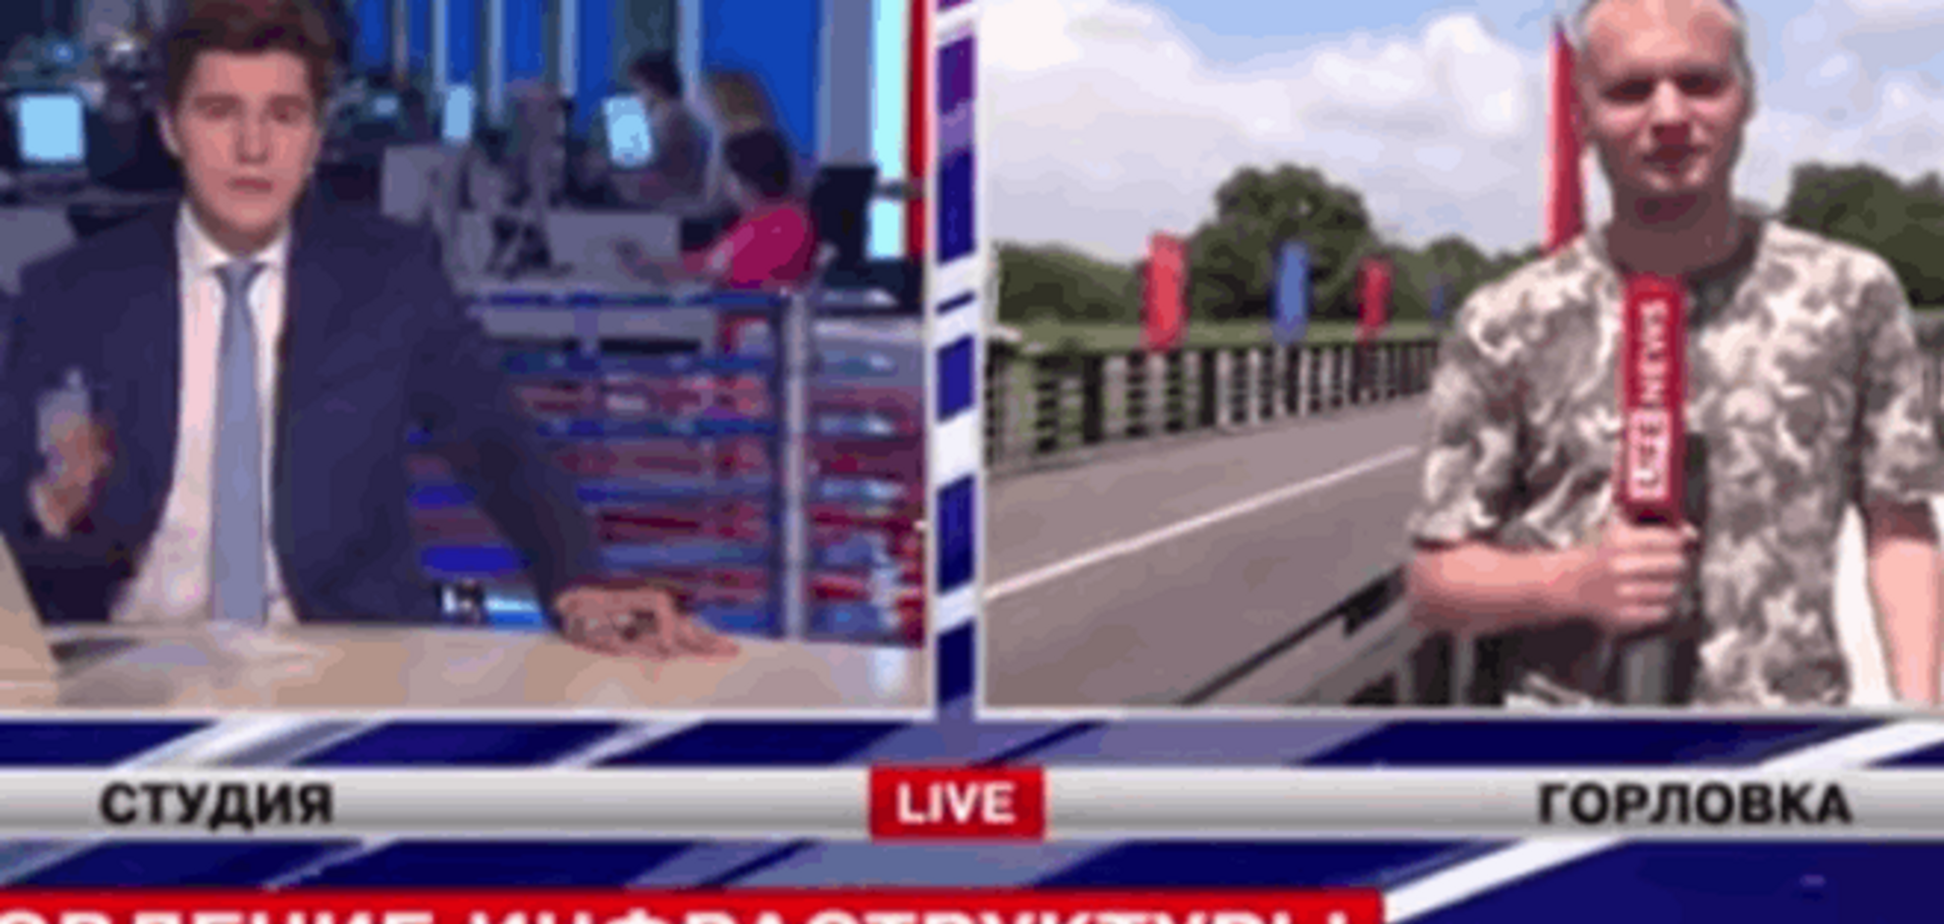 Заврались. Журналисты LifeNews 'спалились' в прямом эфире: видеофакт